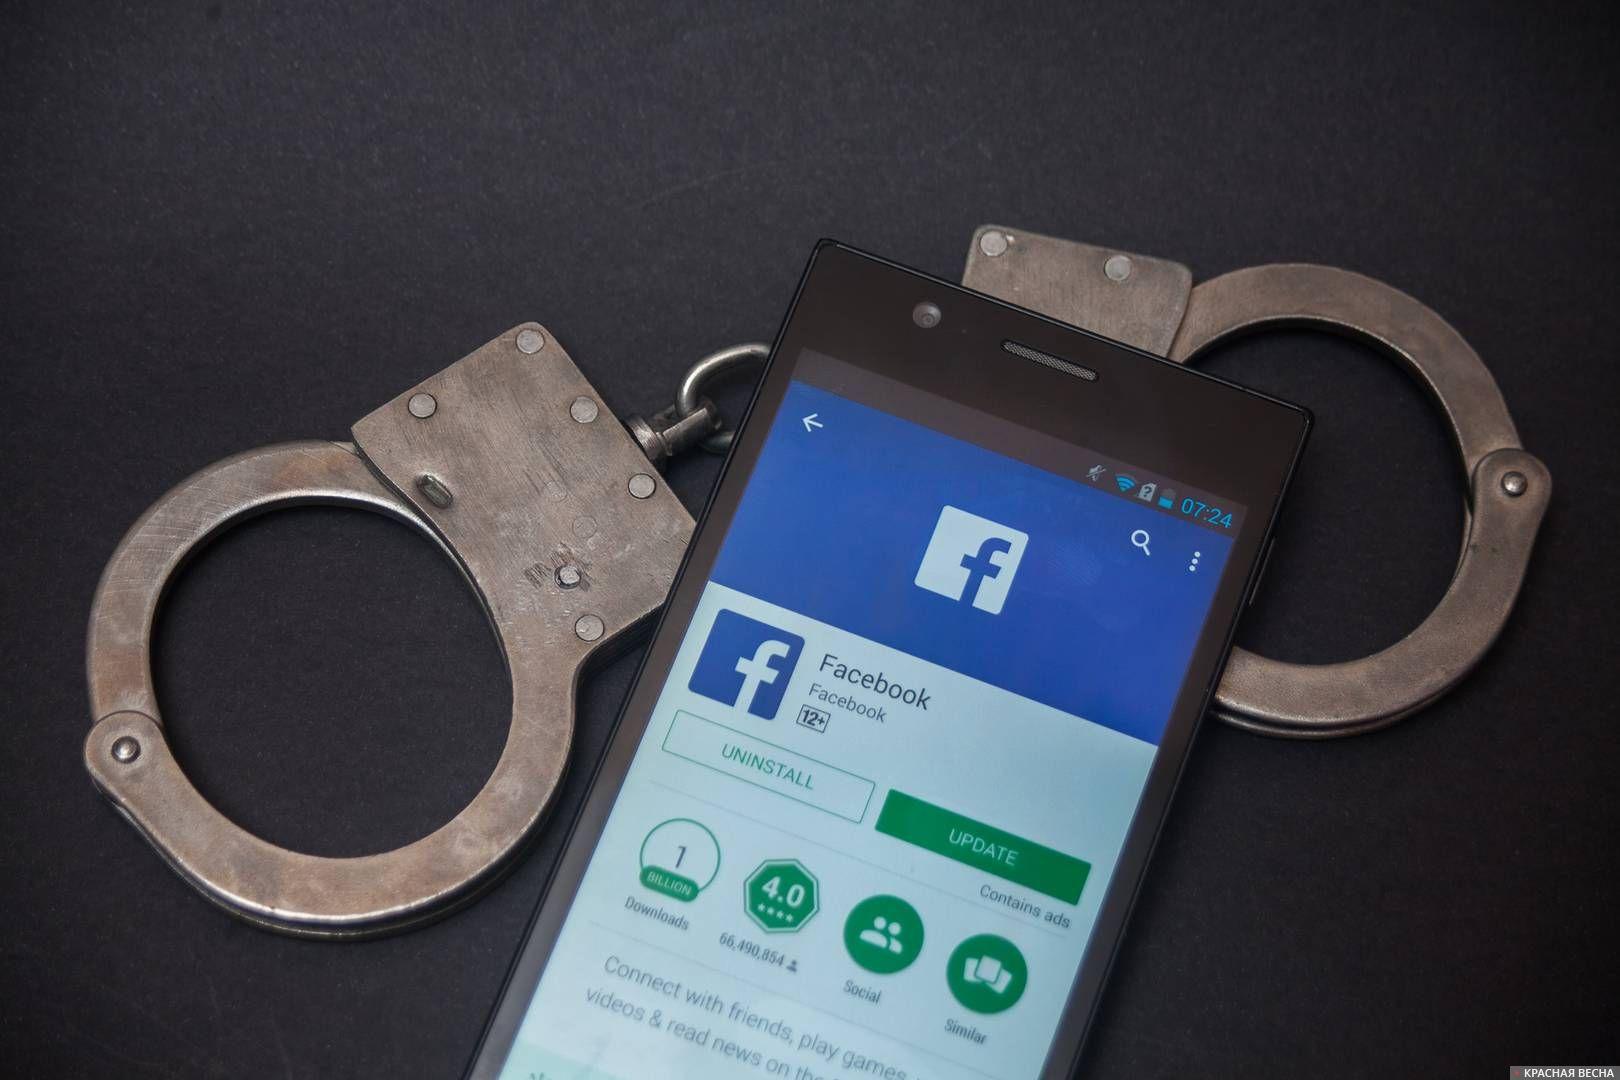 Наручники браслеты арест задержание телефон смартфон фейсбук facebook